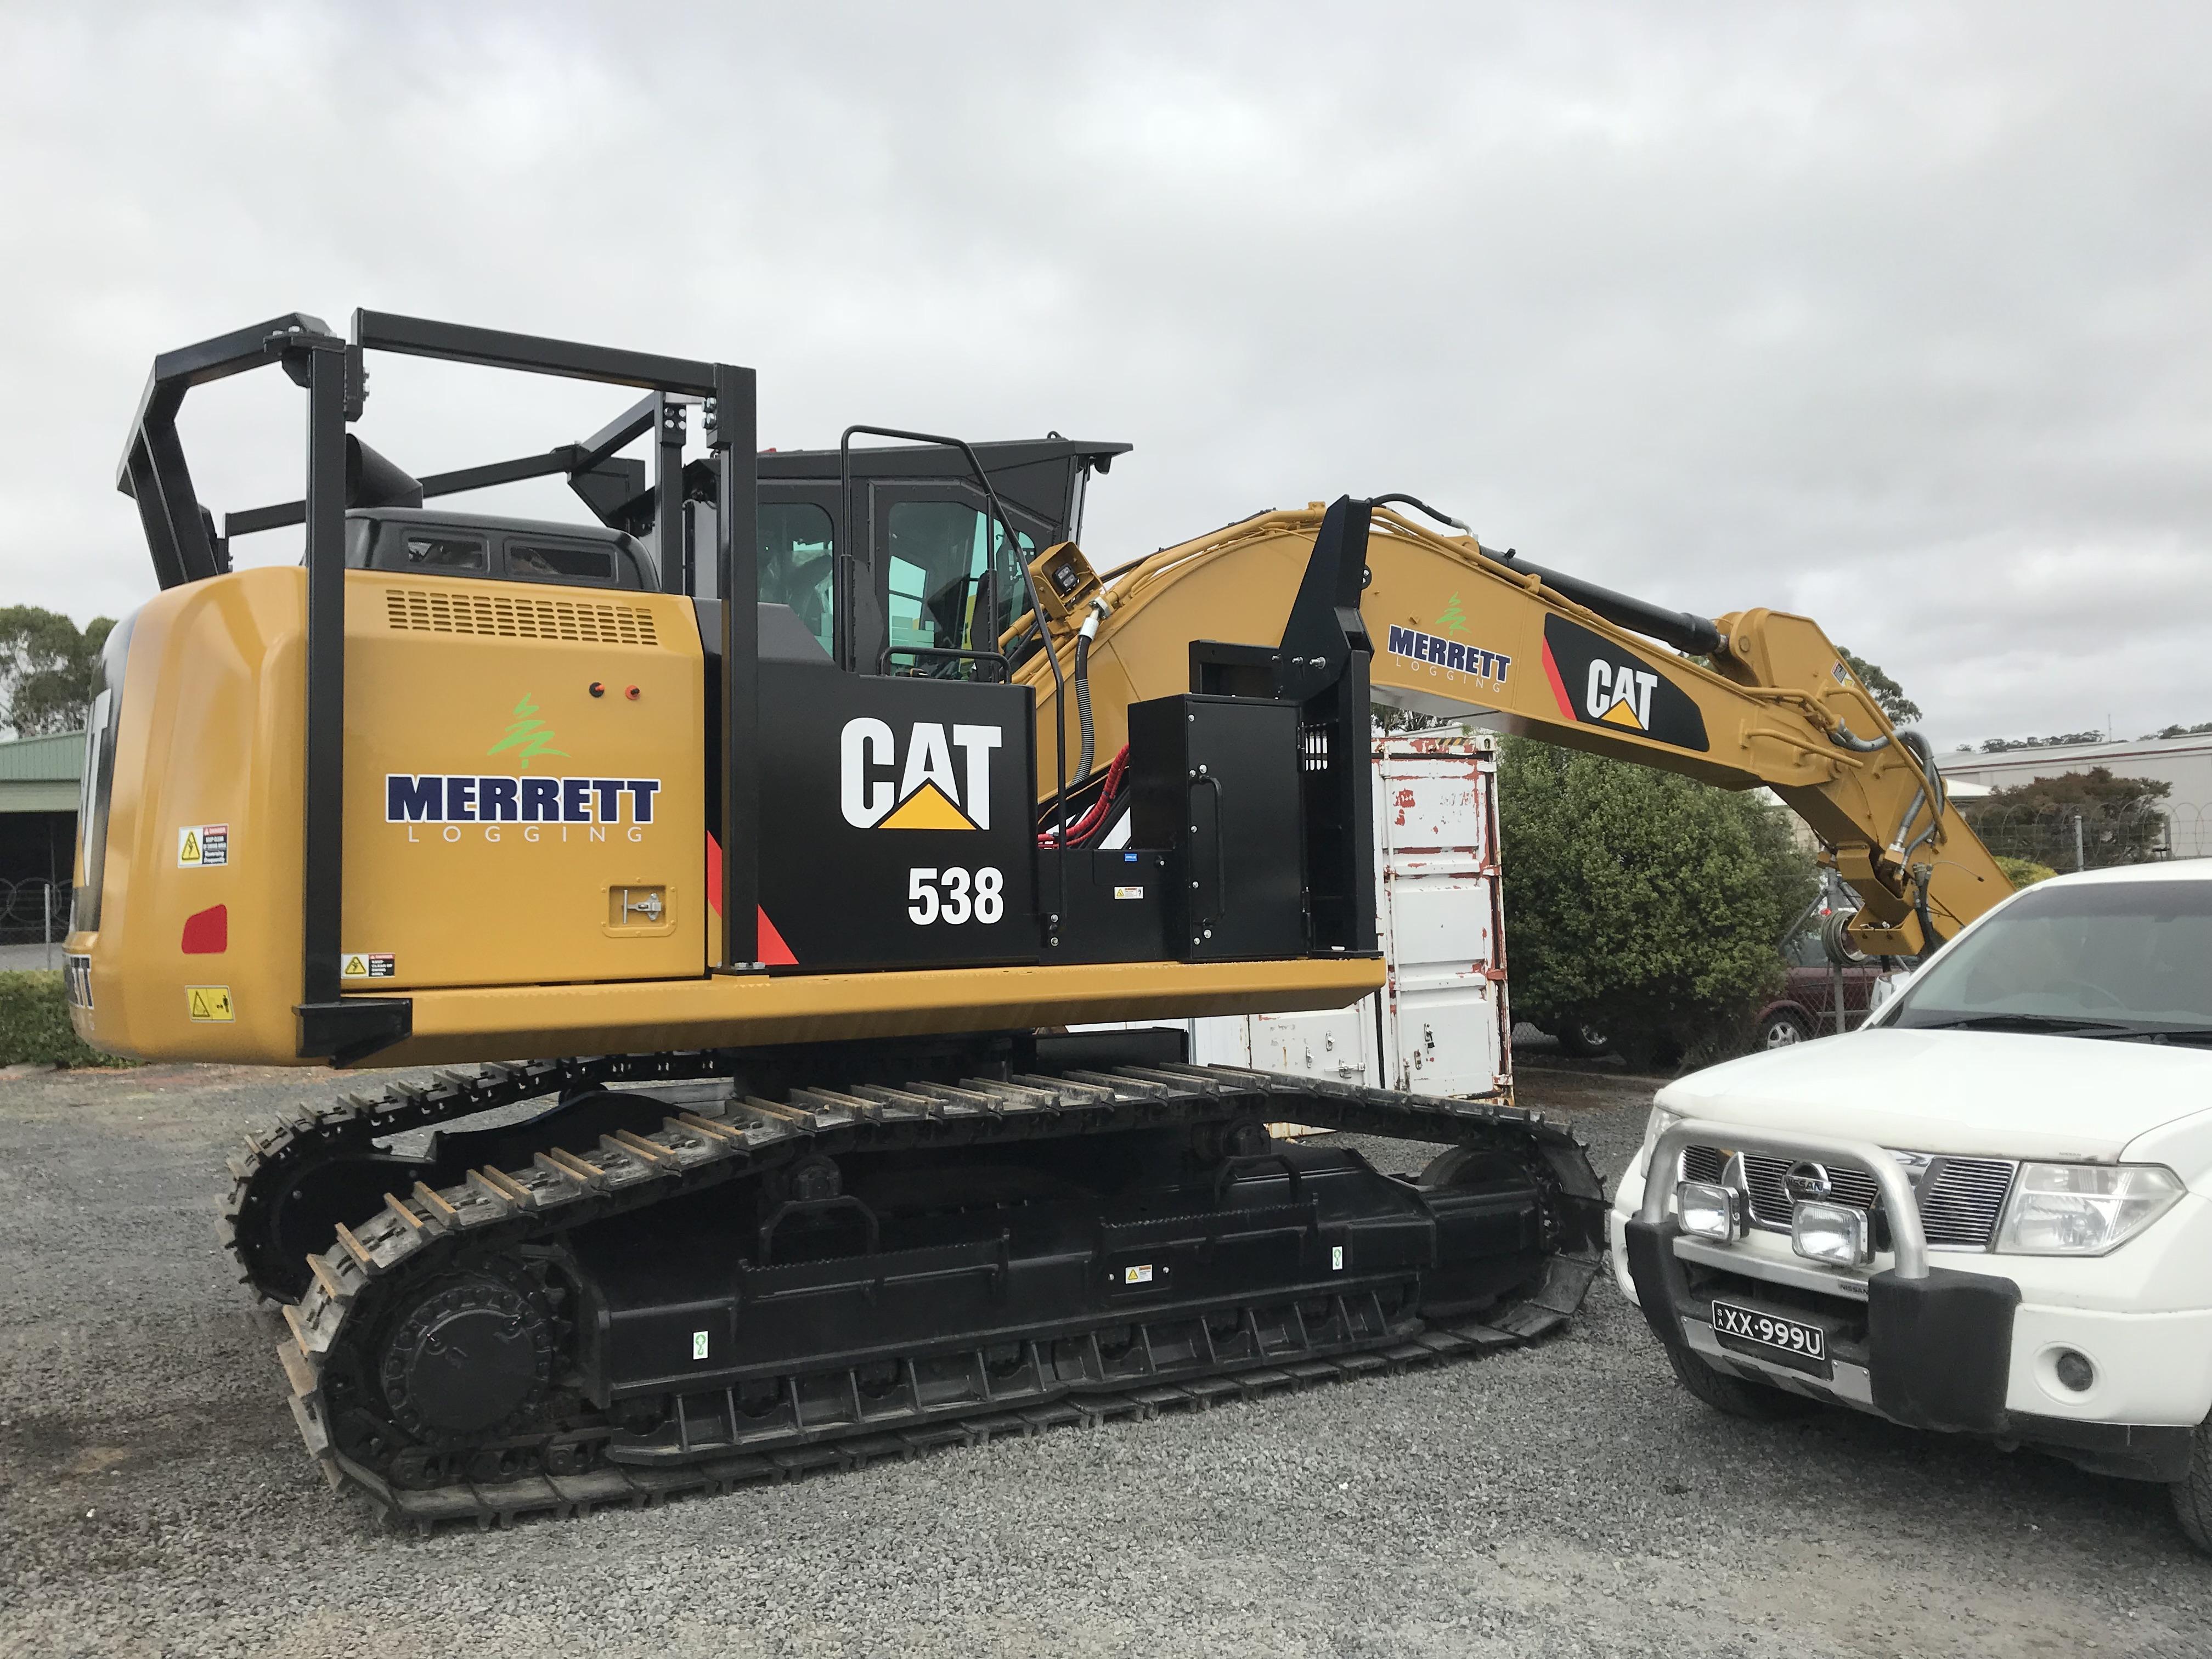 Merrett Logging CAT